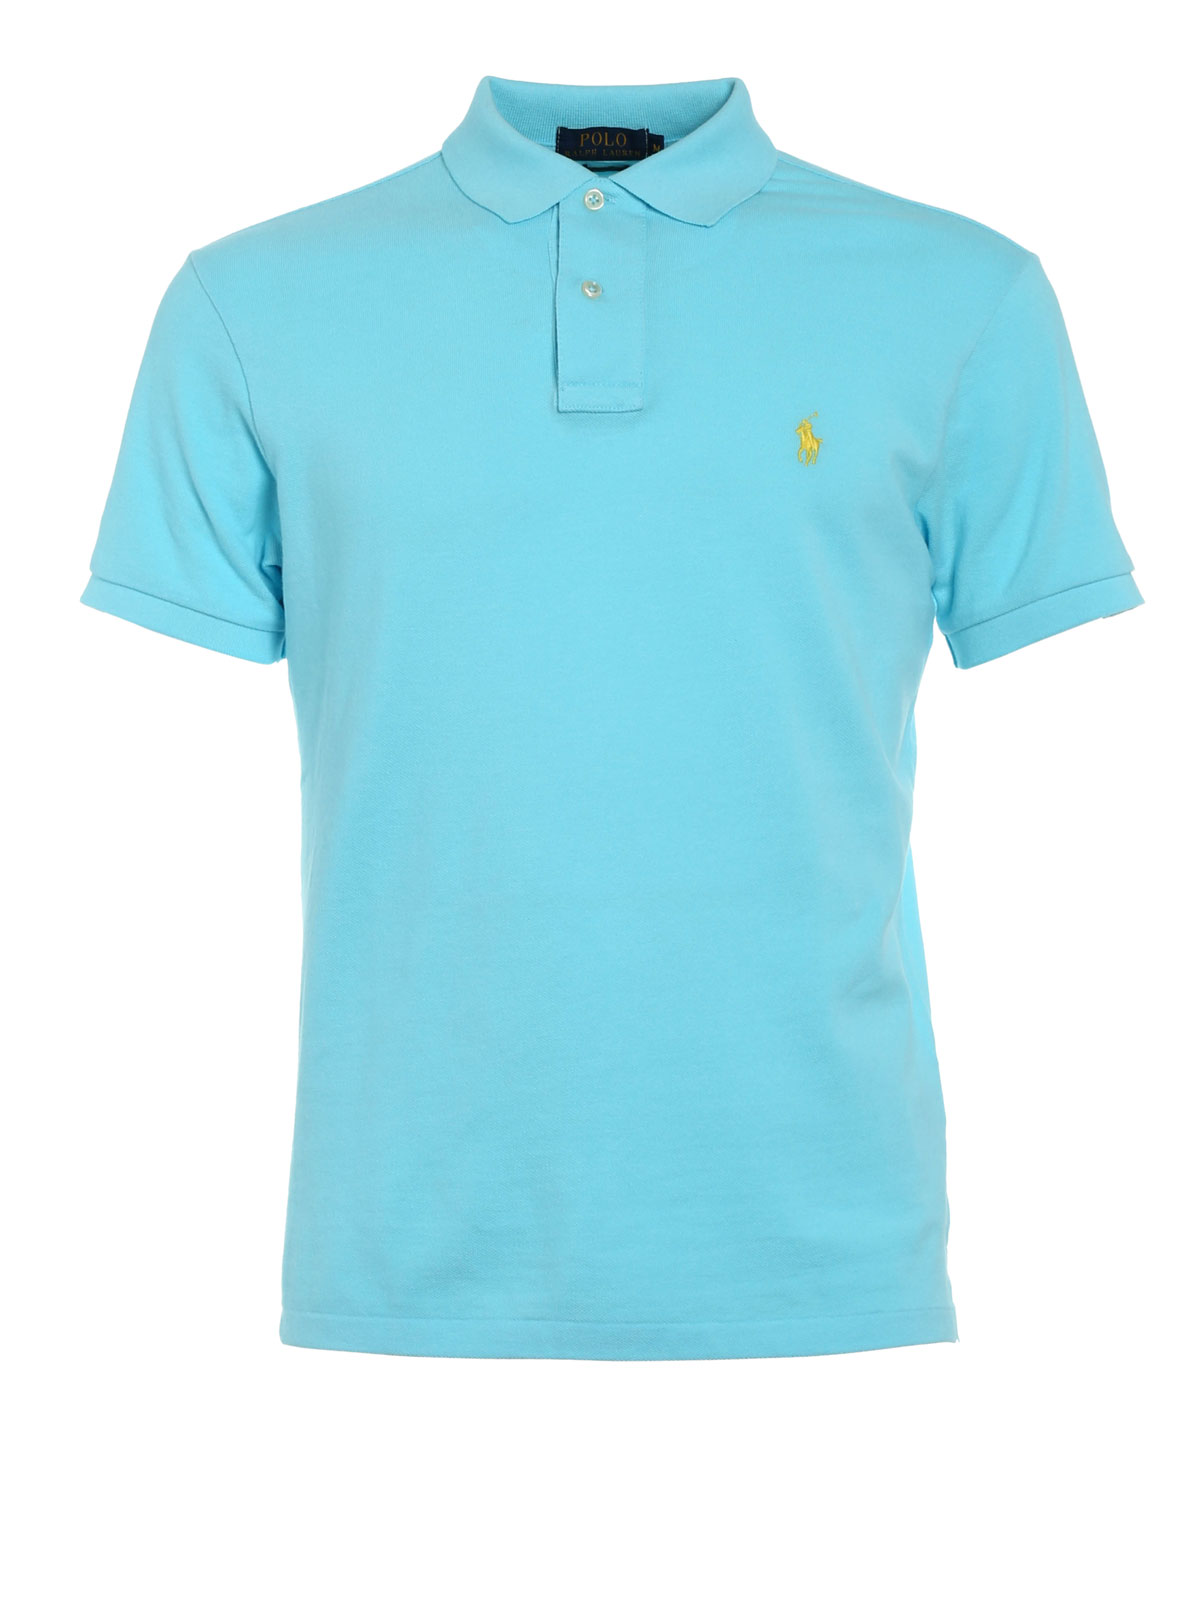 Cotton Pique Polo Shirt By Polo Ralph Lauren Polo Shirts